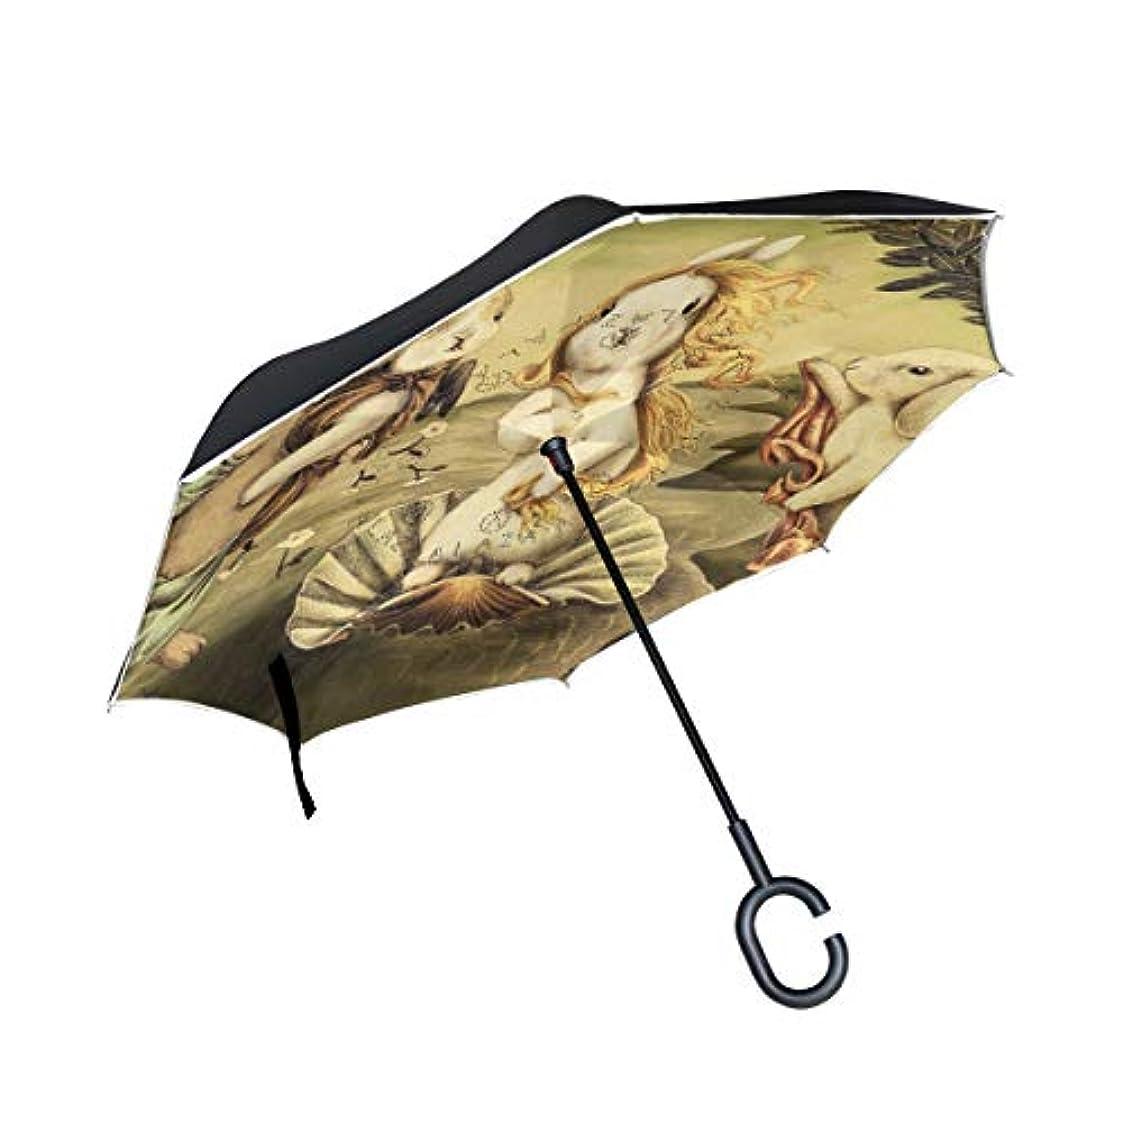 仕事に行くデータ力逆さ傘 逆傘 長傘 日傘 逆折り式傘 晴雨兼用 梅雨対策 UVカット 耐強風 C型 二重構造 車用 (ウサギ柄)